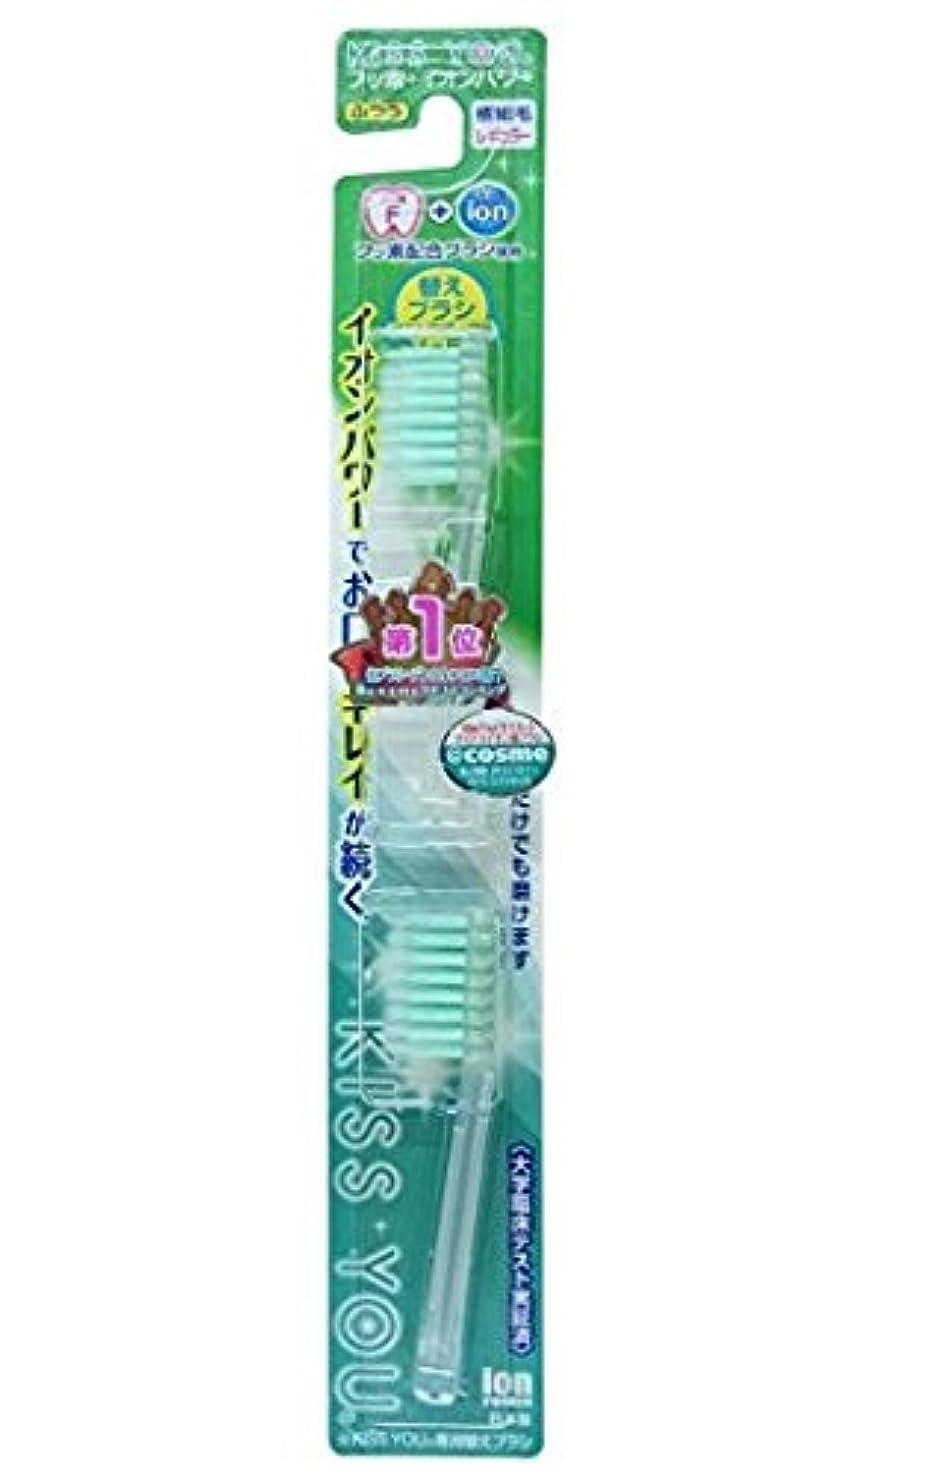 意志けがをする信頼性のあるフッ素イオン歯ブラシ極細レギュラー替えブラシふつう × 6個セット